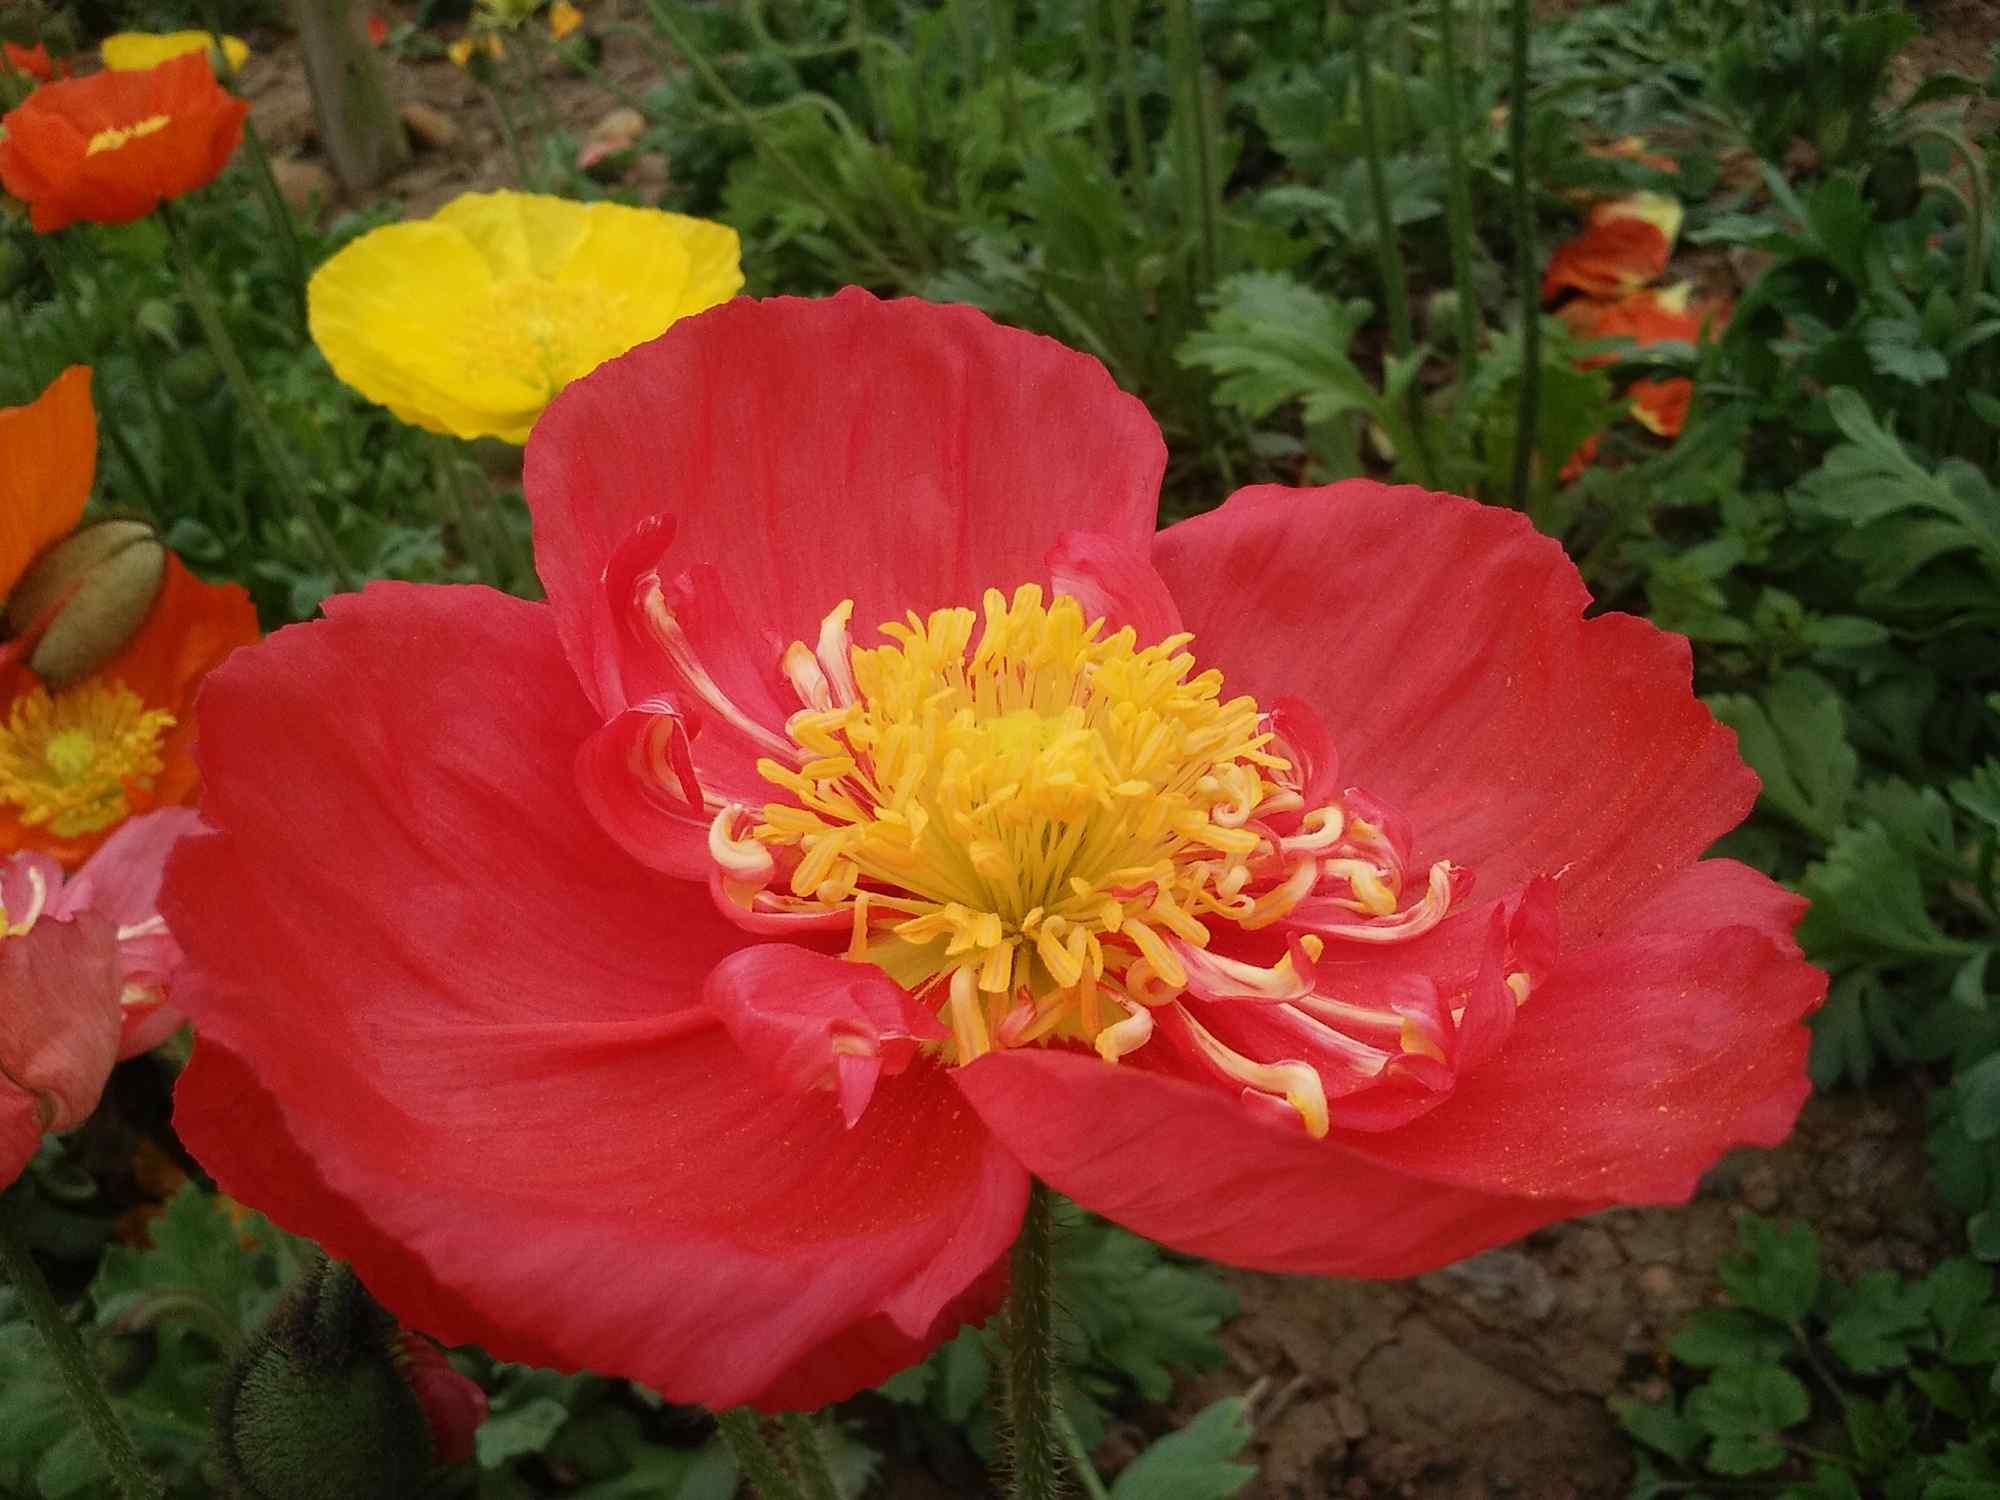 红色大朵盛开的虞美人图片植物壁纸